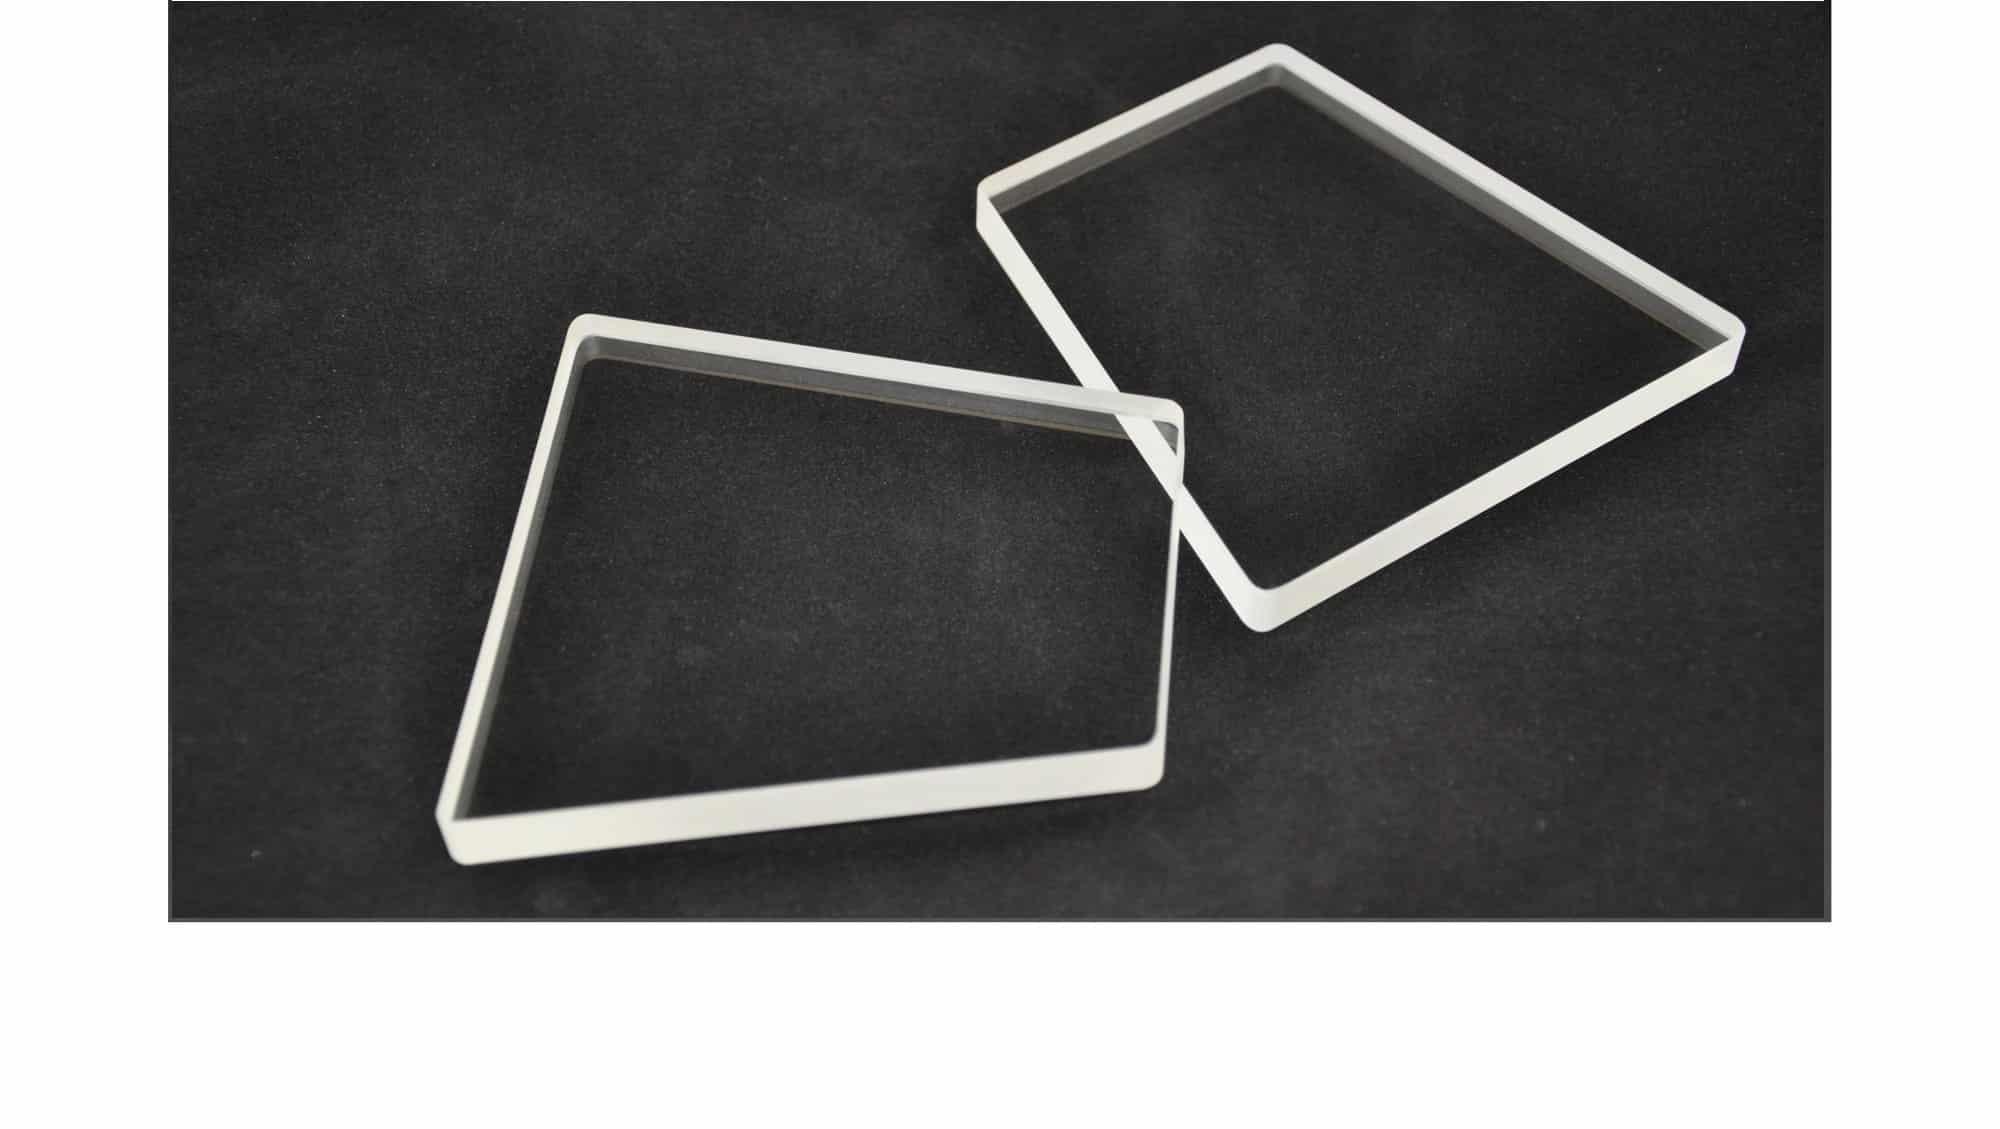 OTéO Optics Etude et Réalisation Optique - Fabricant d'optiques de précision - Sic 4H - Silice - ZnS - Du prototype au récurrent - Miroir, hublot -prisme- sphere